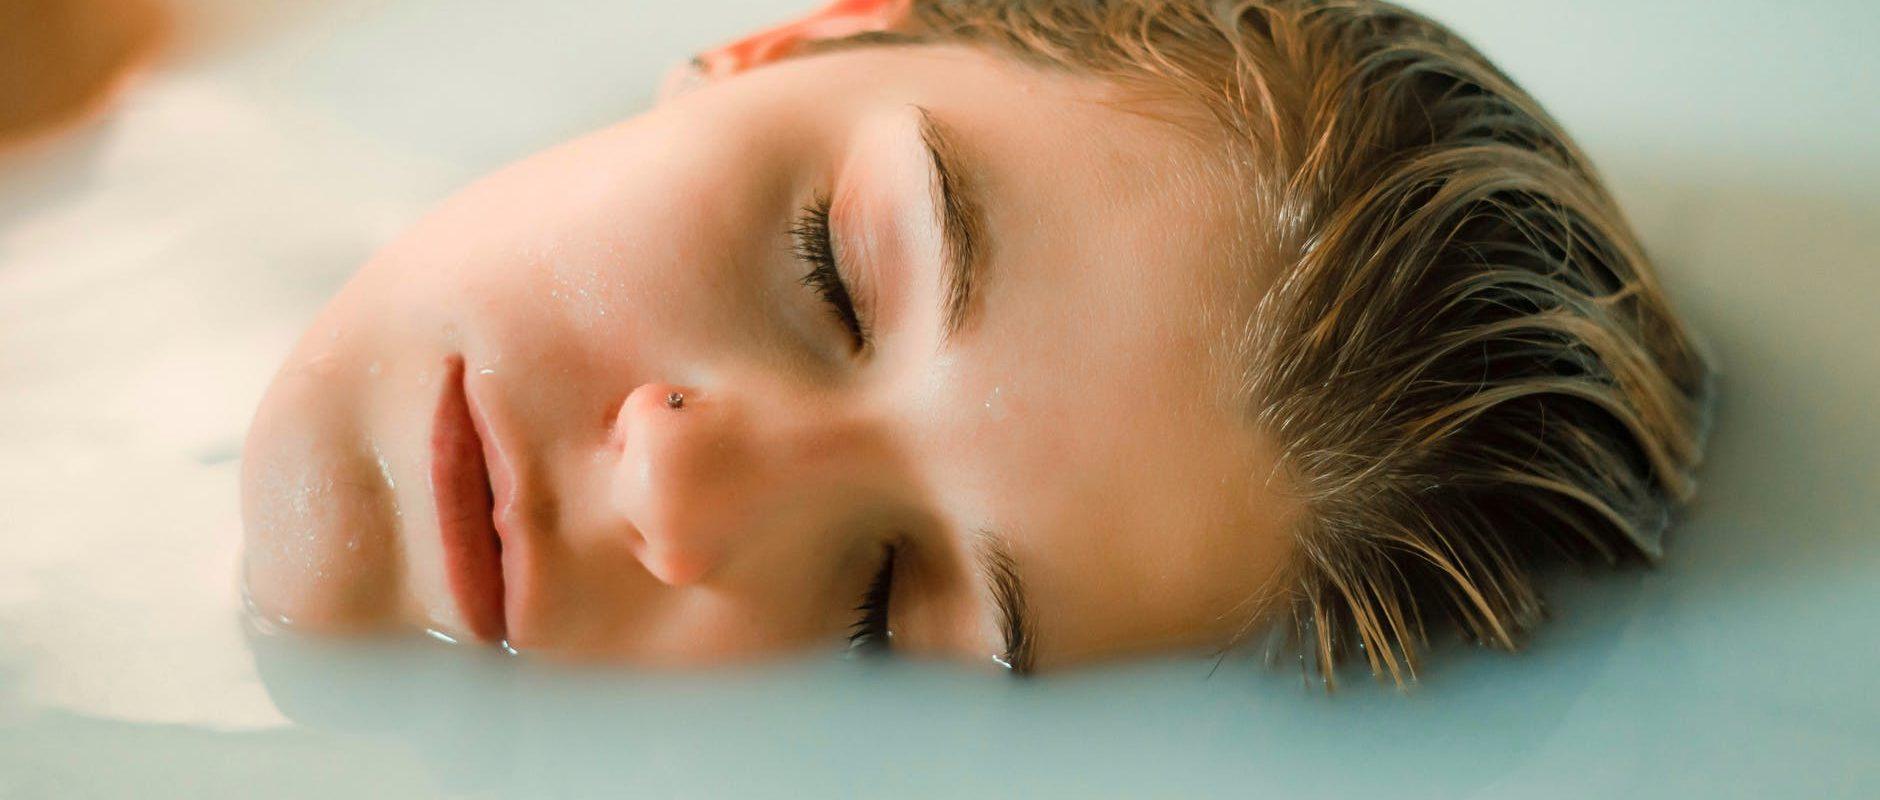 calm woman lying in bathtub